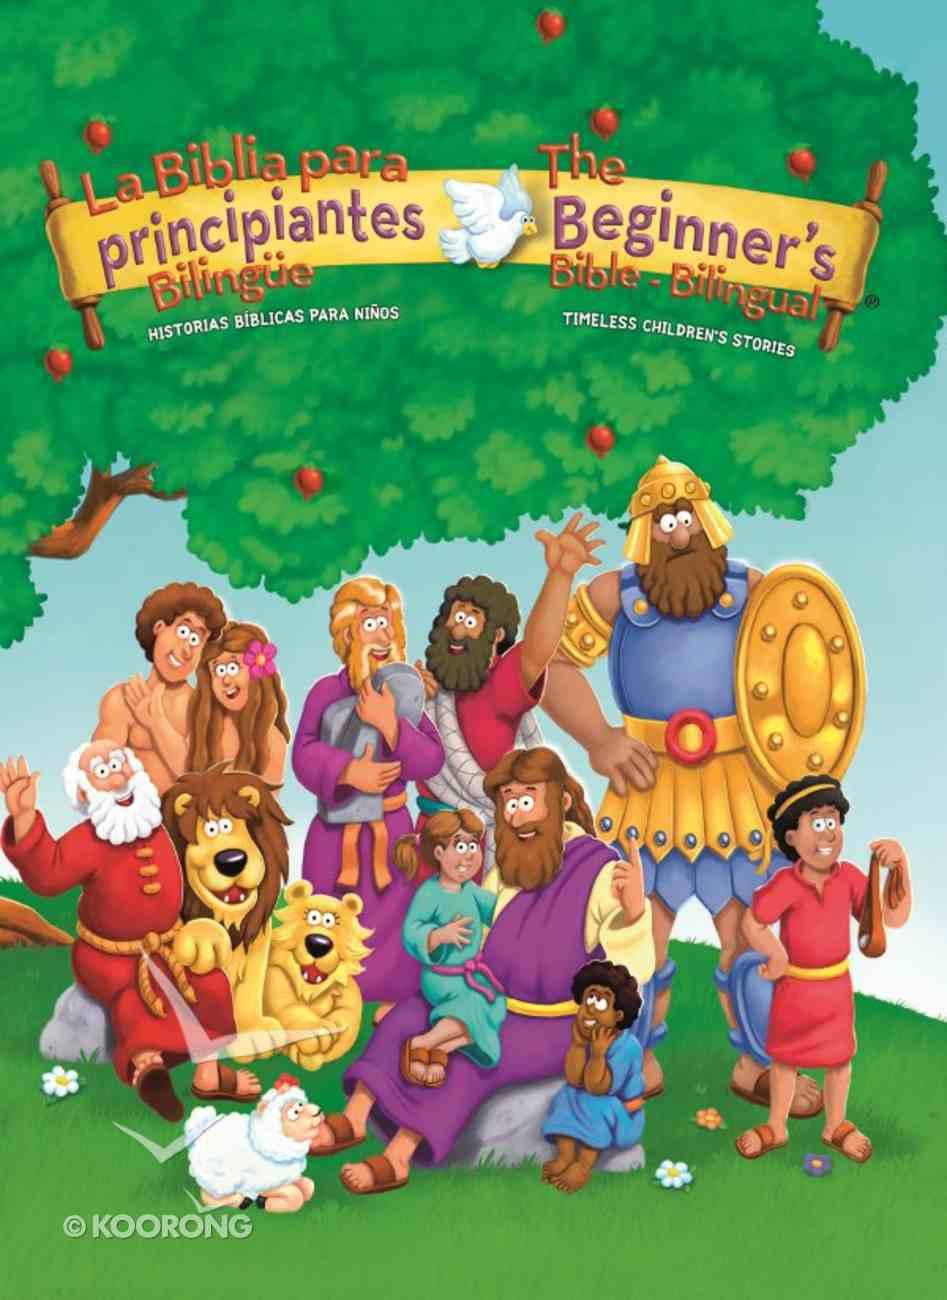 Biblia Para Principiantes Bilinge, La (My First I Can Read/beginners Bible Series) eBook